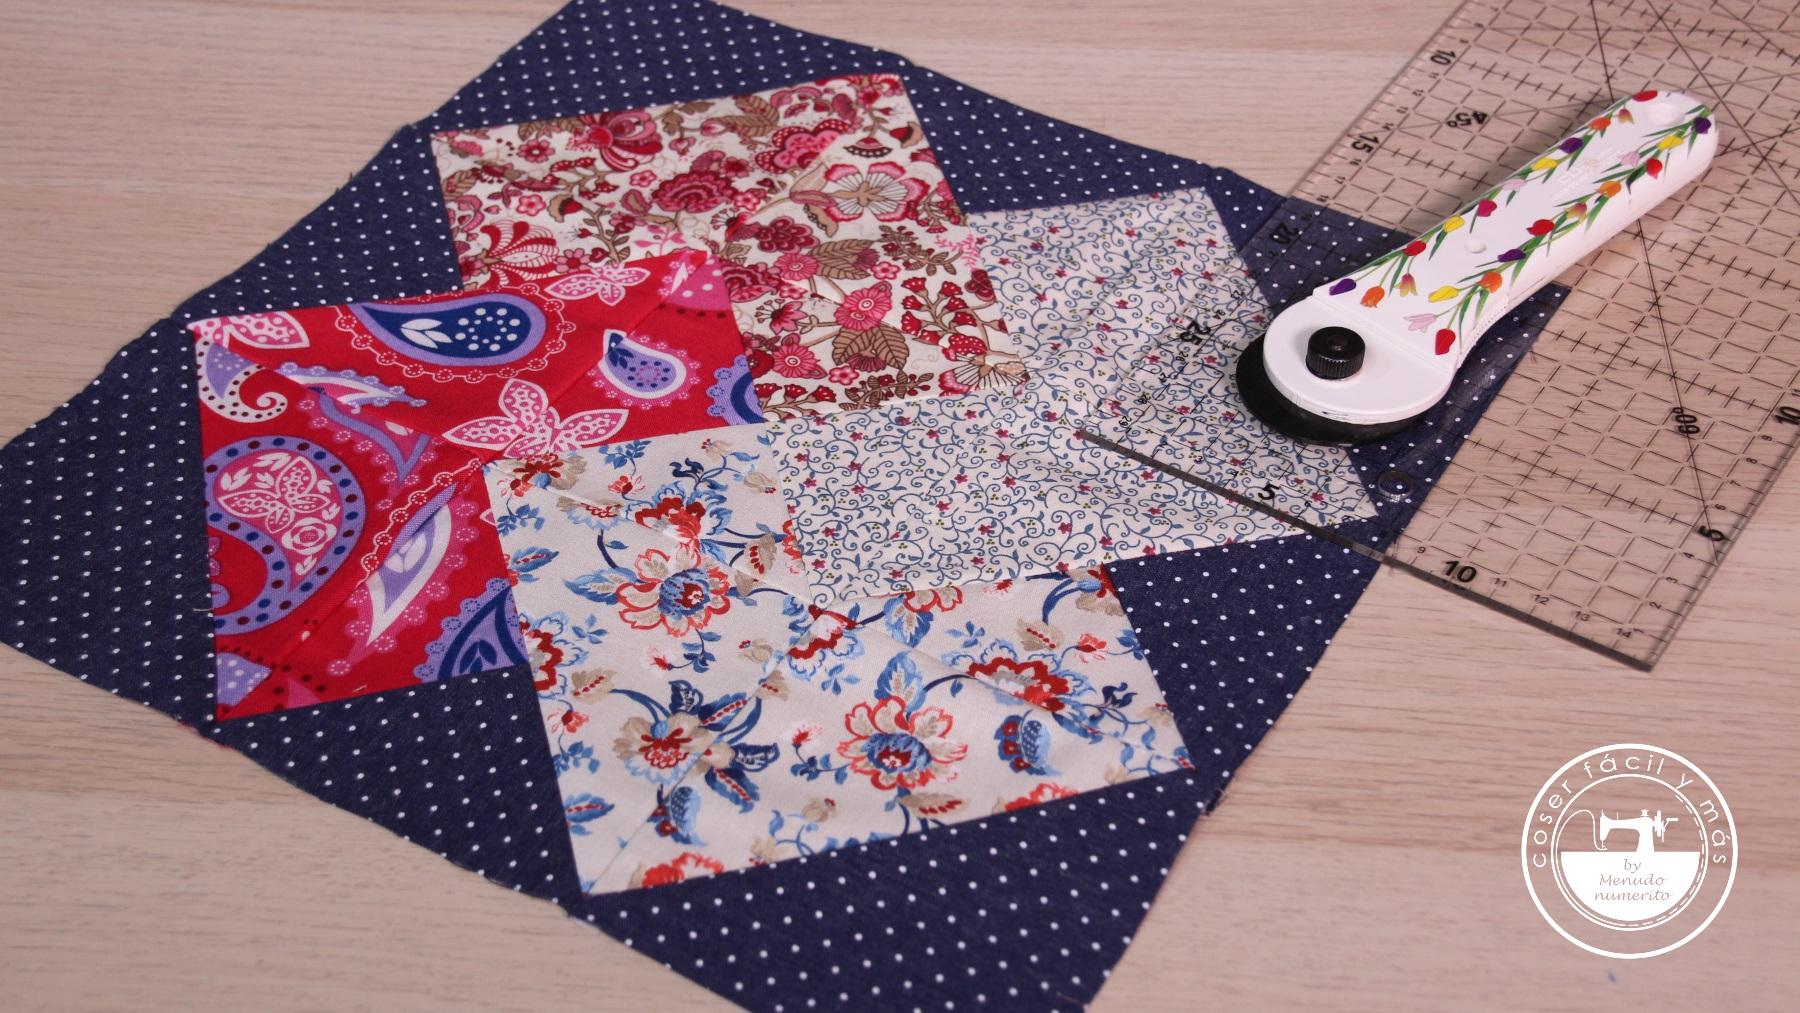 patchwork juego de cartas naipes menudo numerito blogs de costura